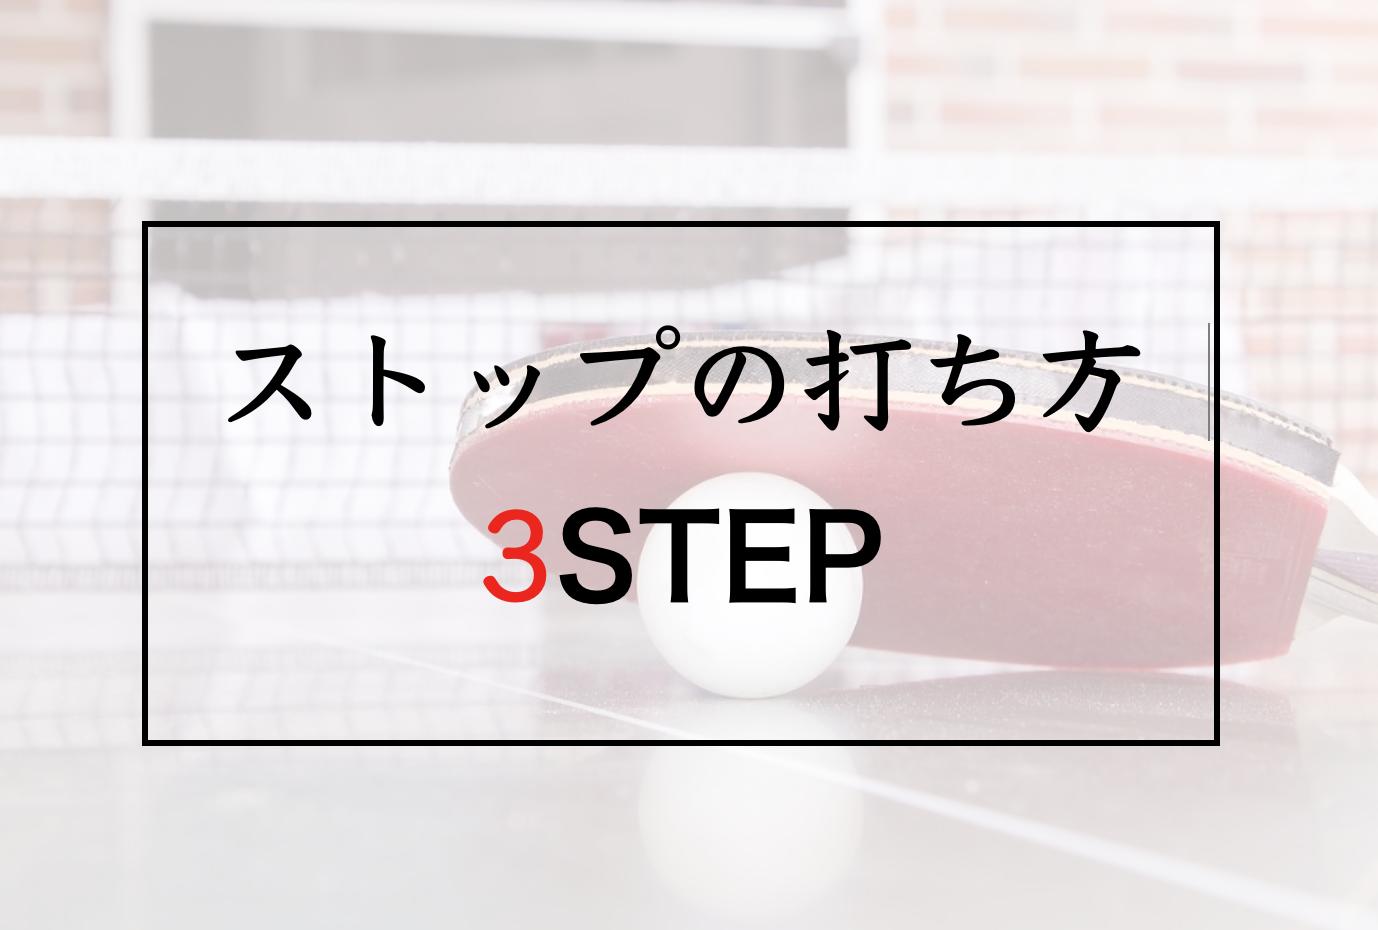 【STEP別】ストップの打ち方・やり方を徹底解説